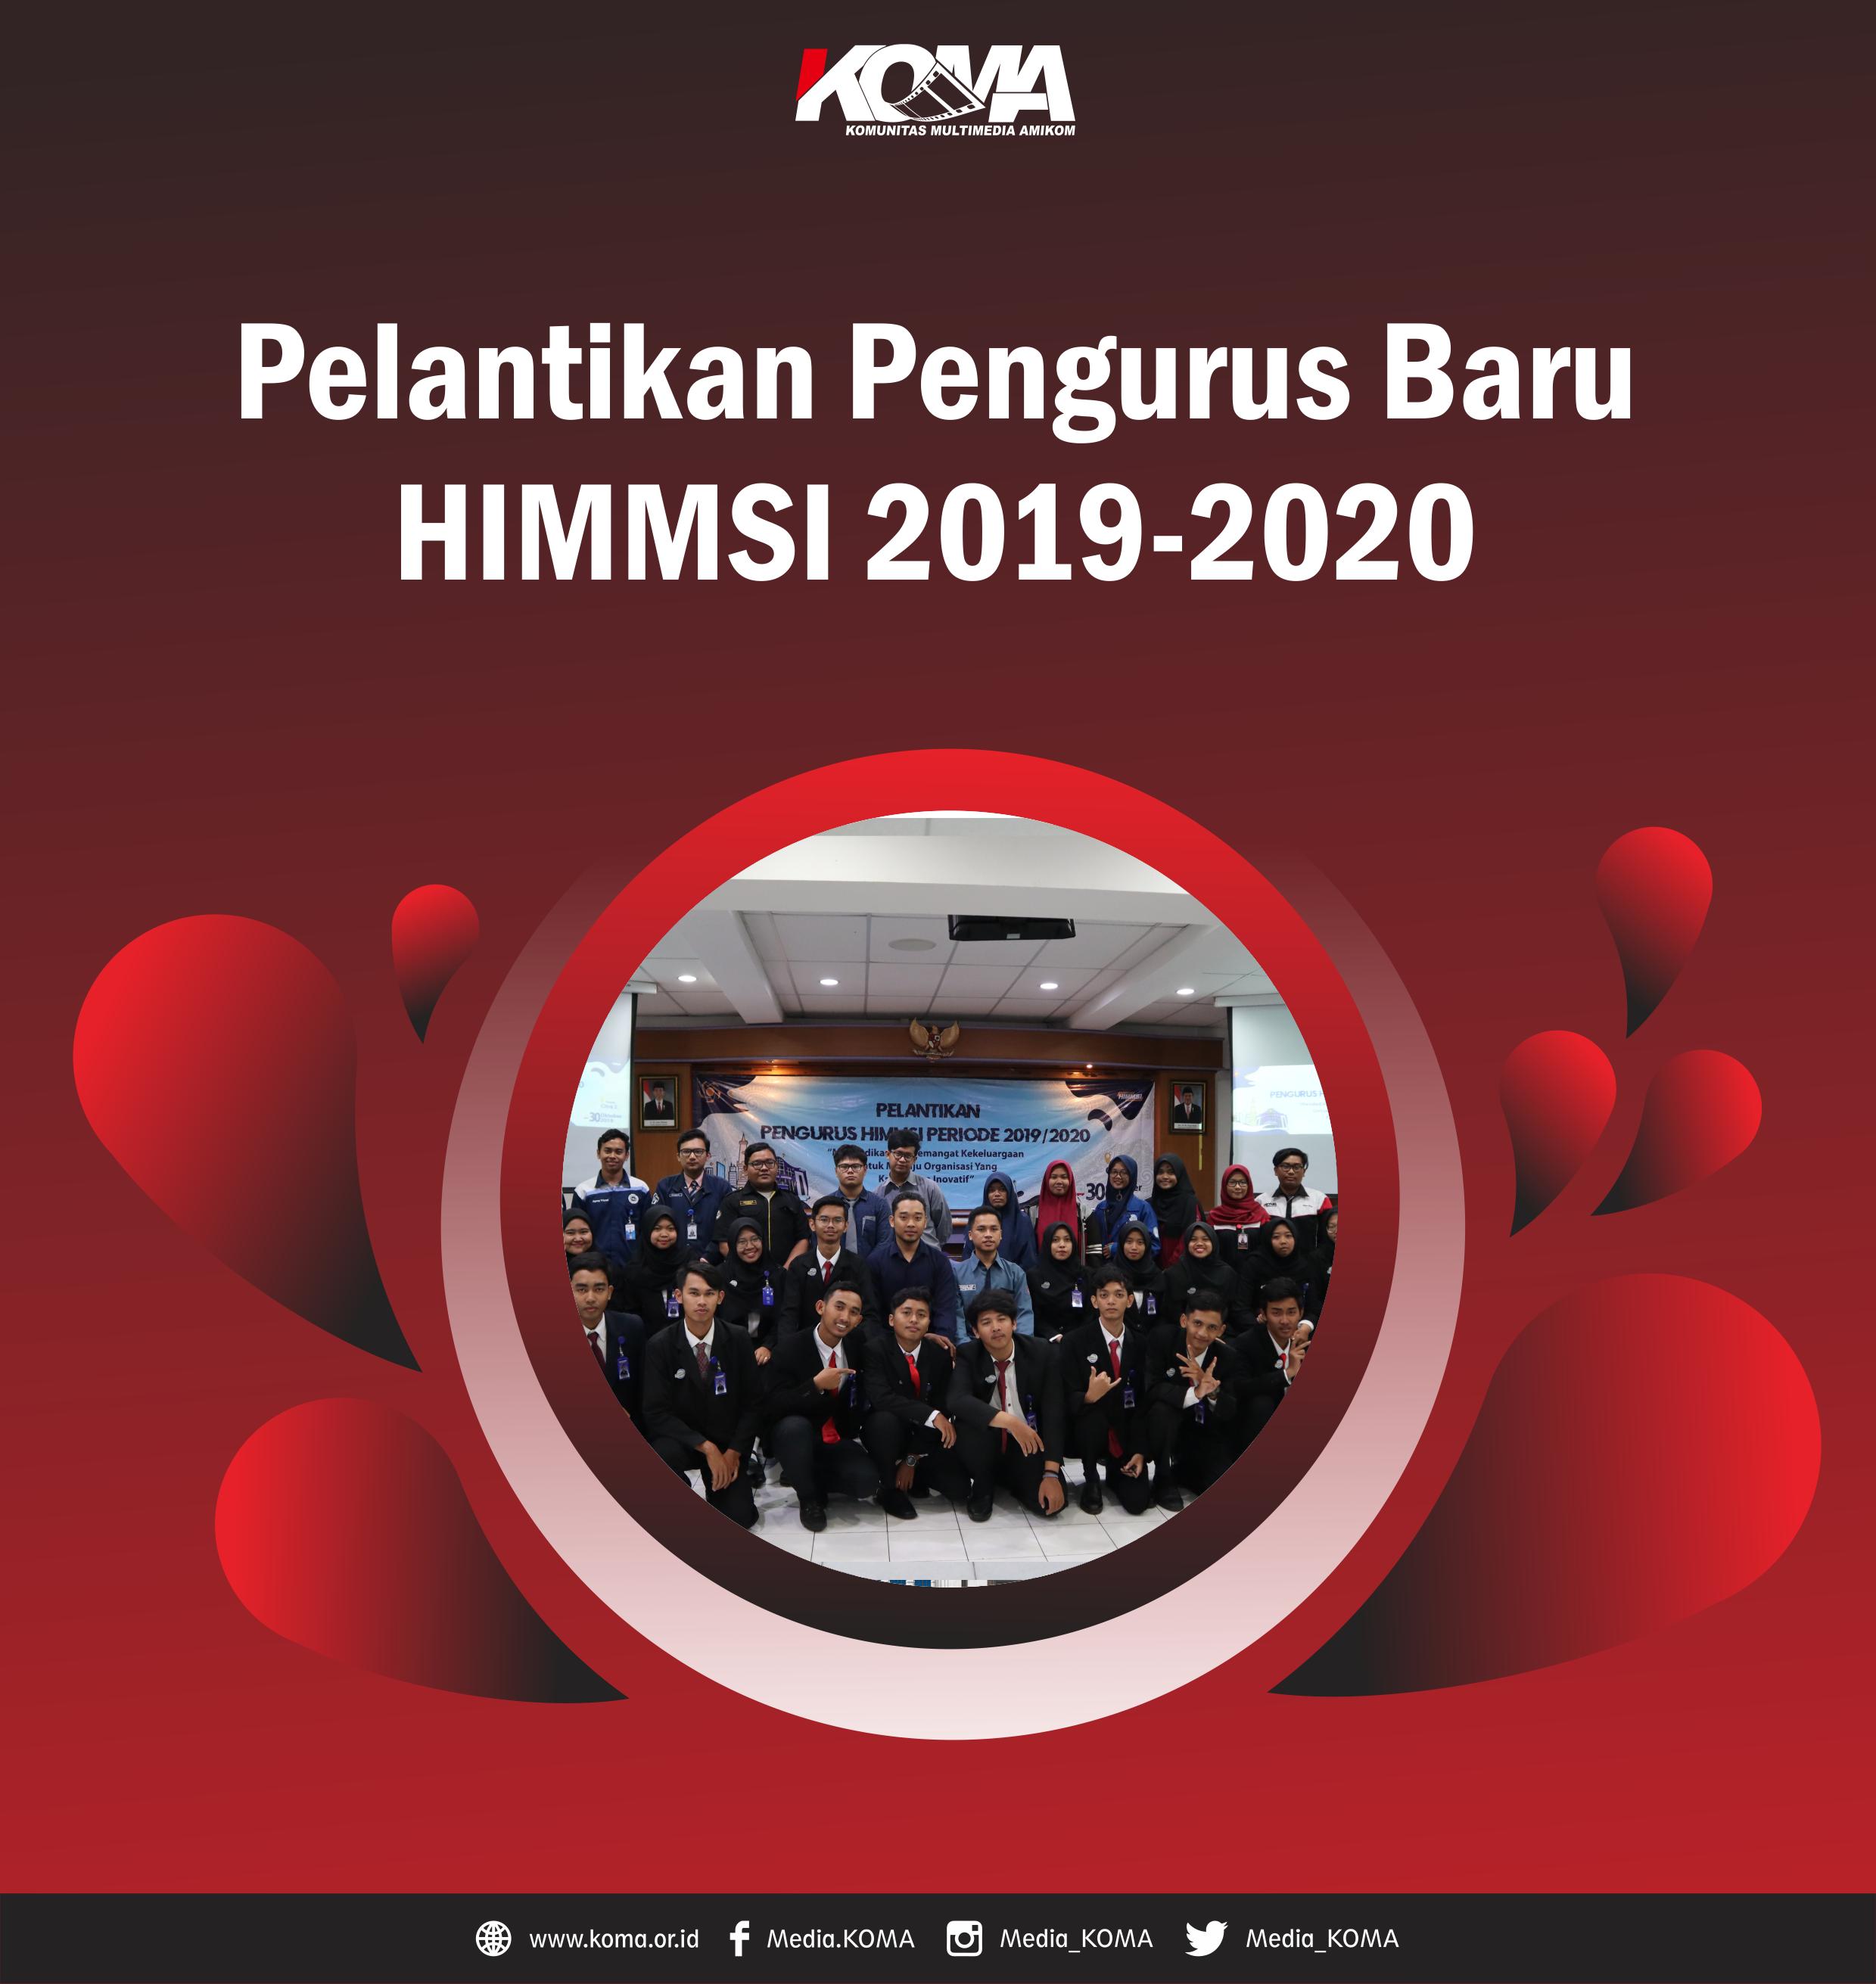 Pelantikan-Pengurus-Baru-HIMMSI-2019-2020